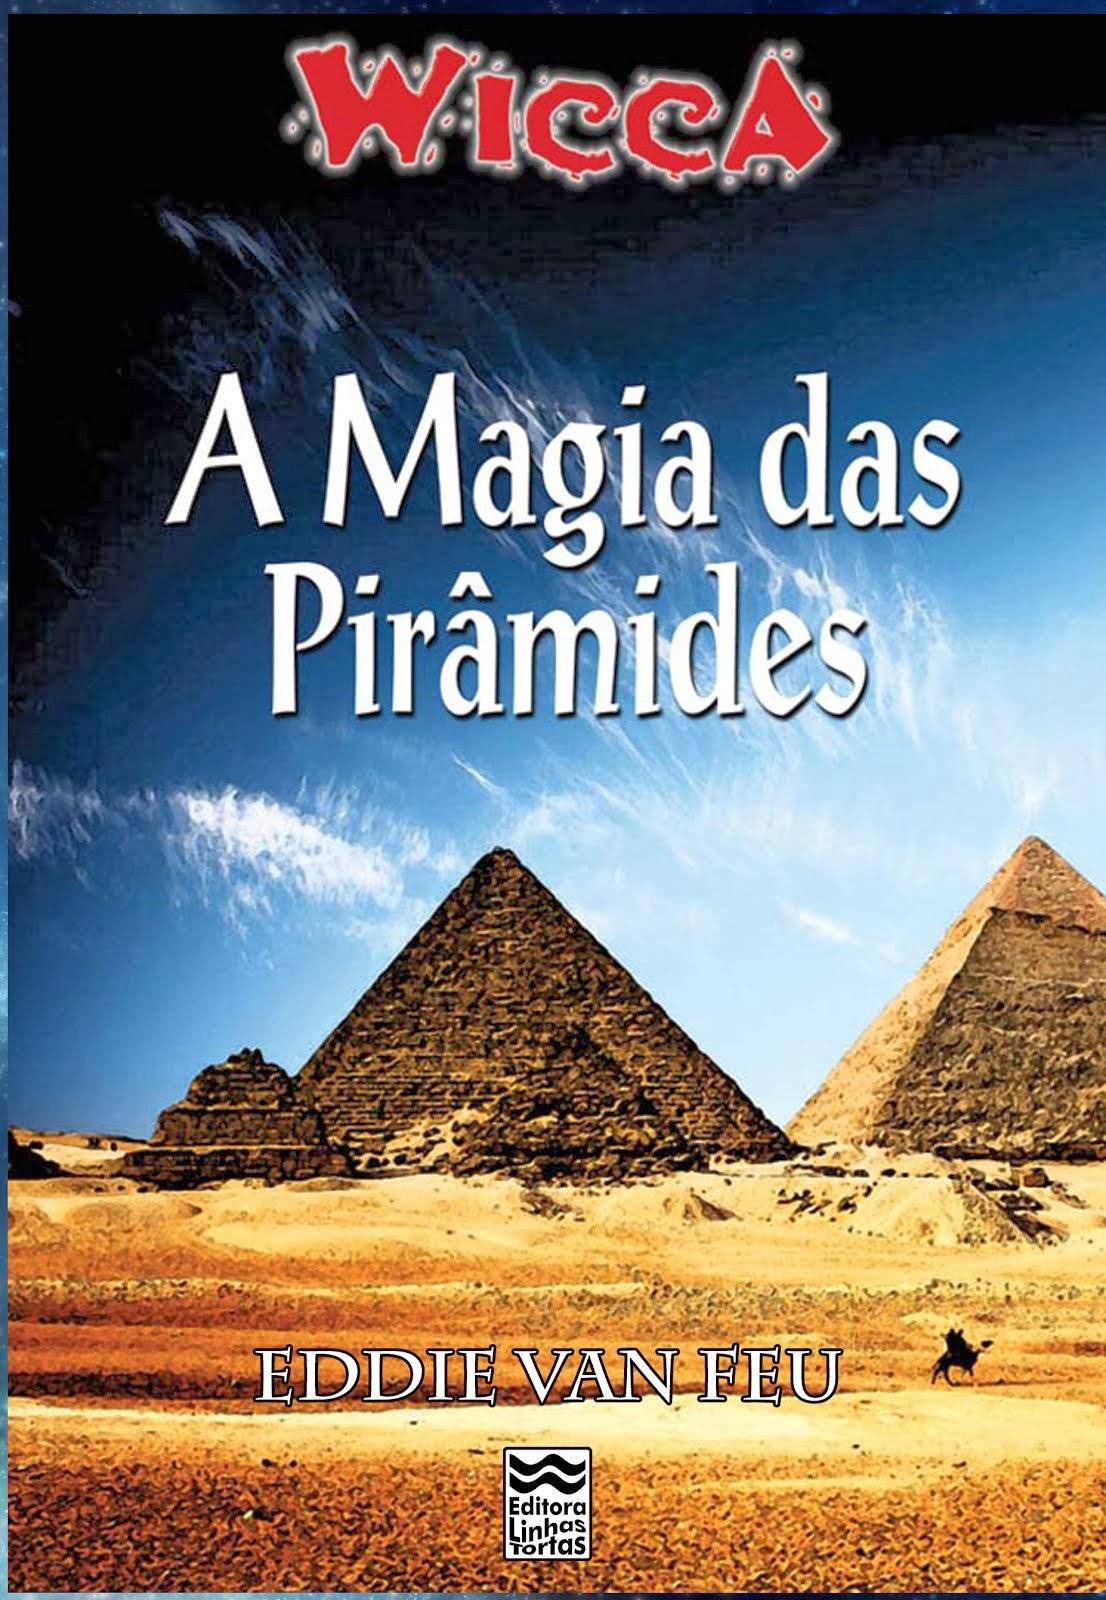 WICCA #63 - A Magia das Pirâmides